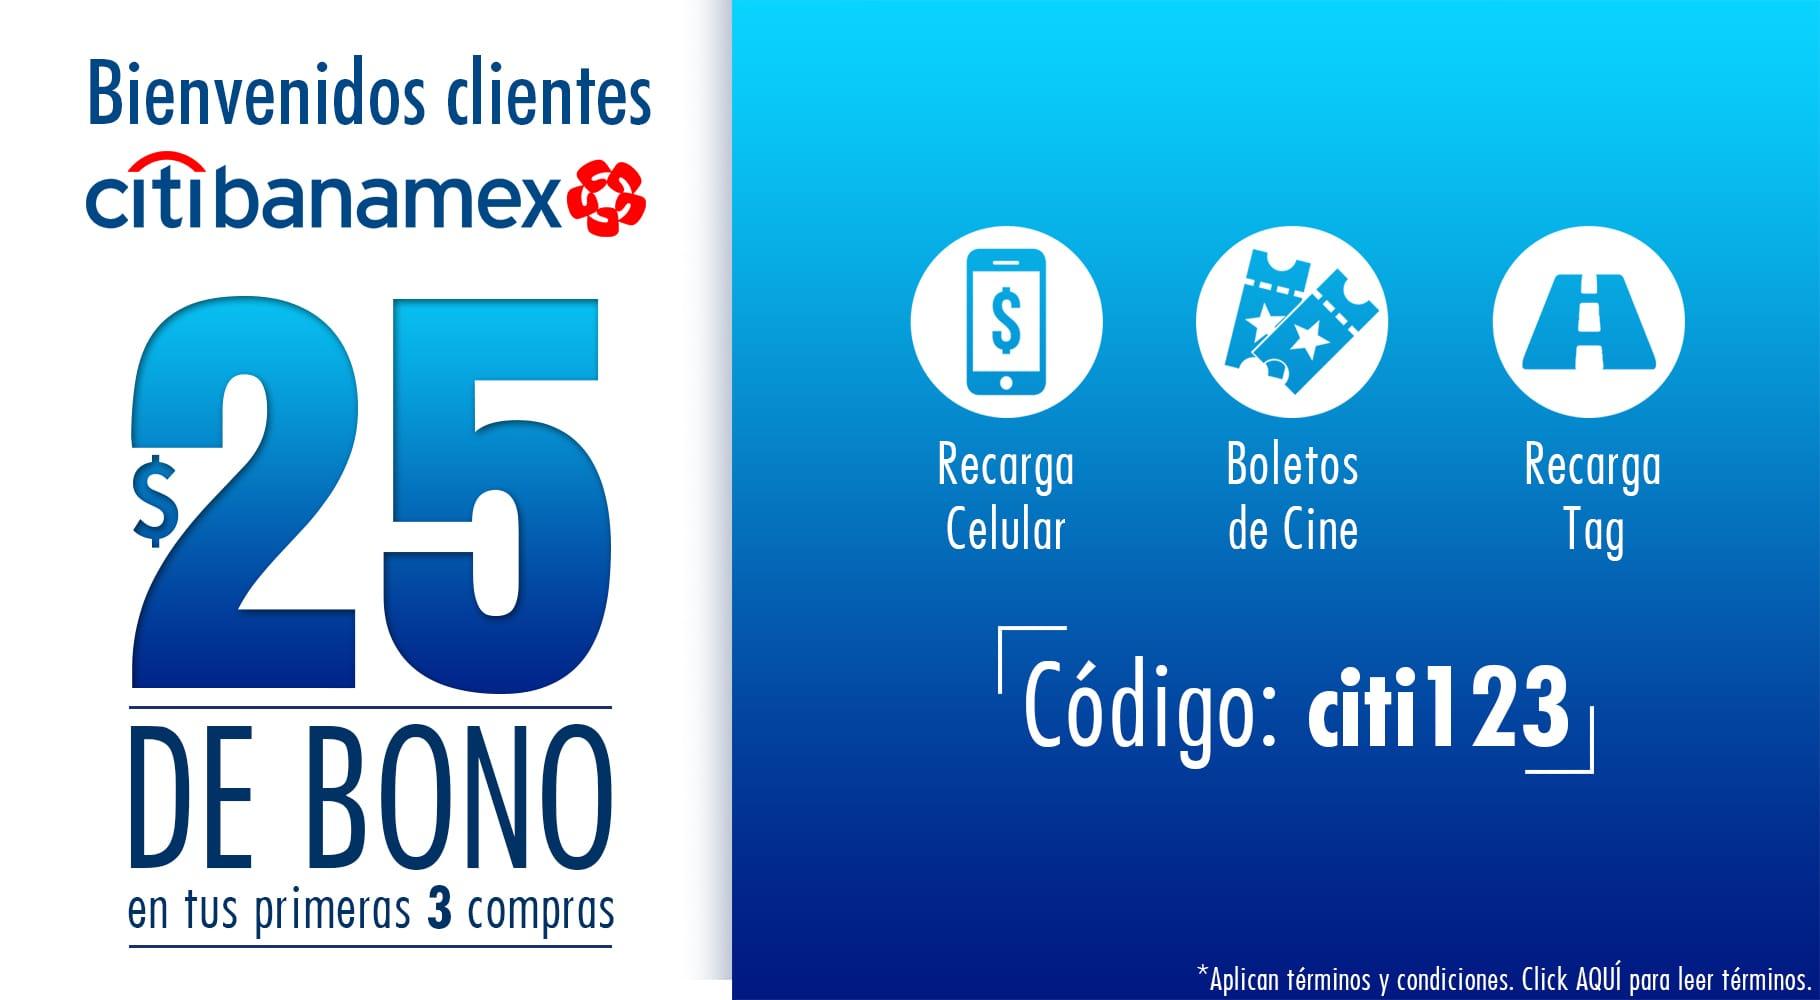 UnDosTres: $25 pesos de bono en tus primeras 3 recargas o compras usando tus tarjetas Citibanamex, solo nuevos usuarios